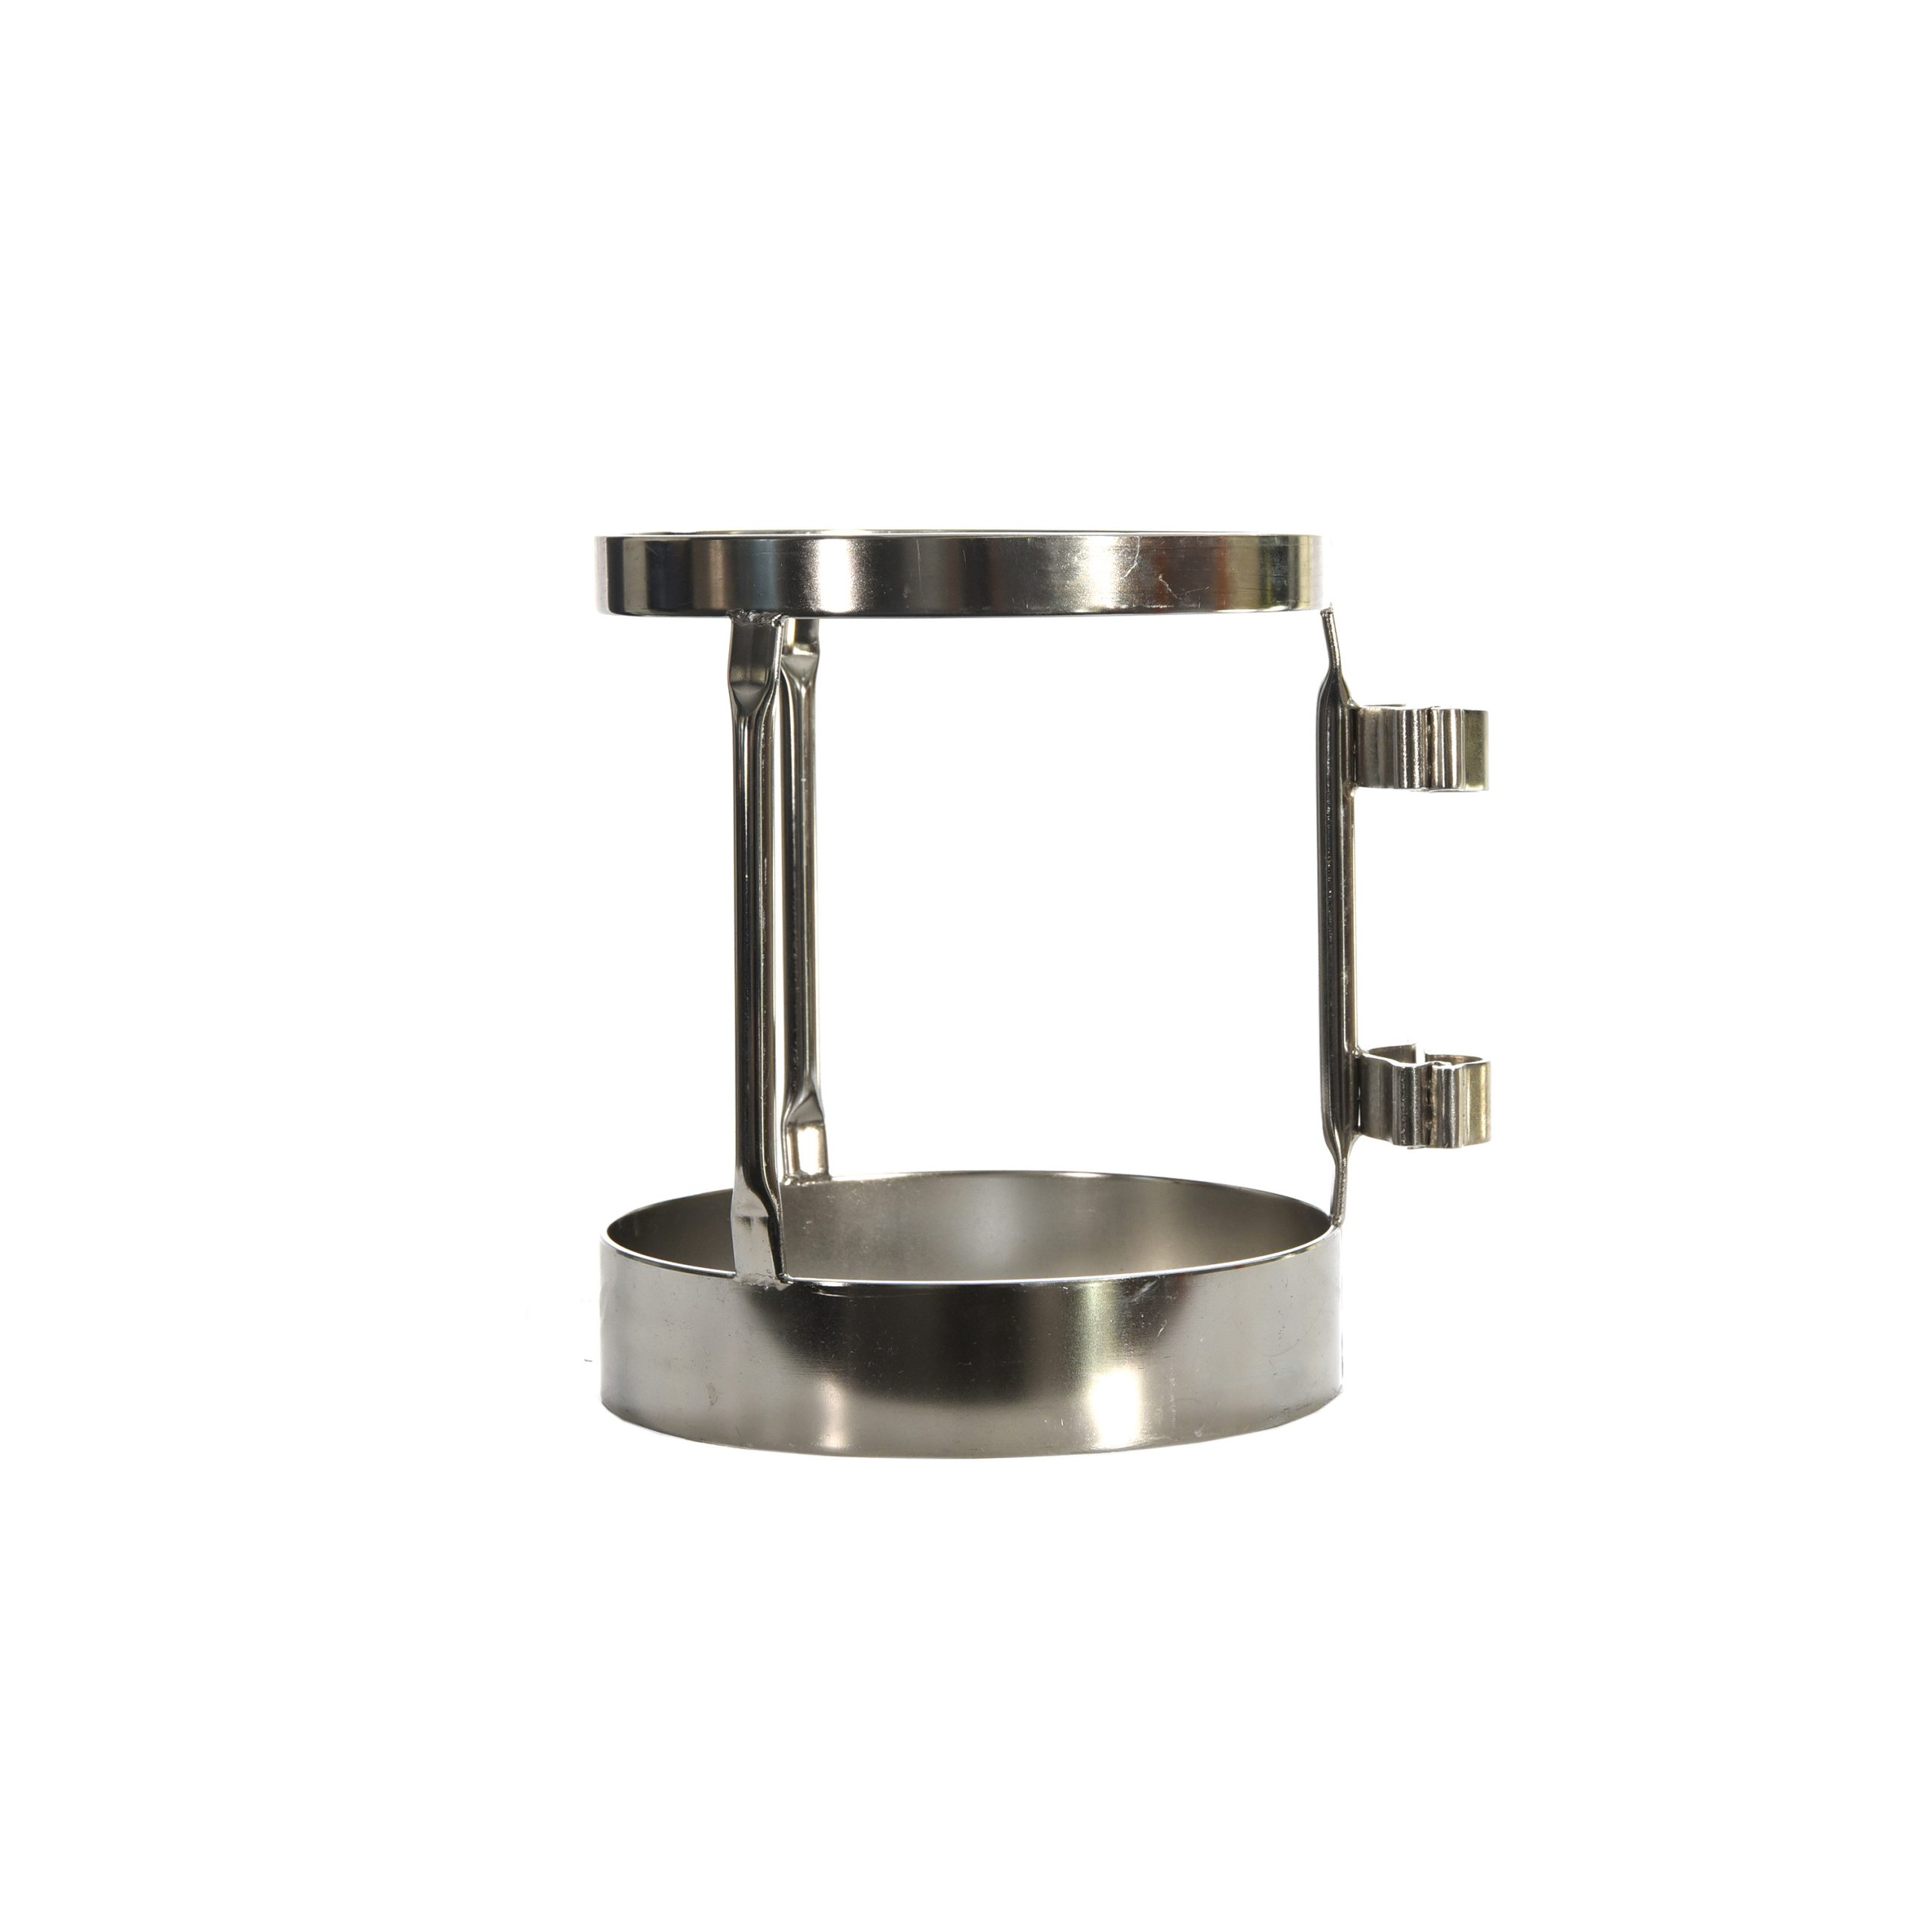 Stainless steel Gas Bottle Holder